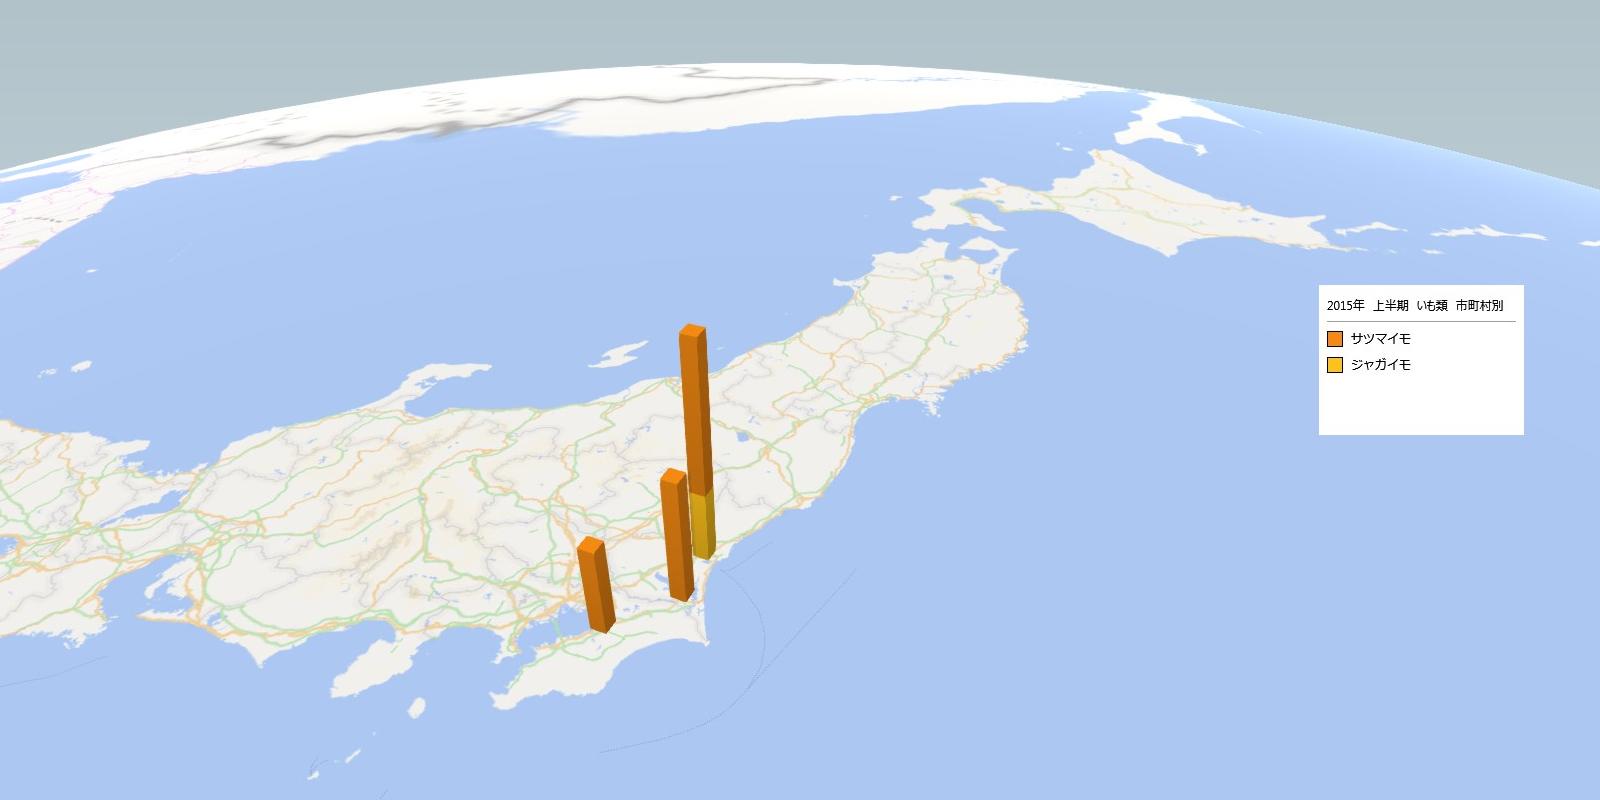 イモ類の放射能検査地図(市町村別)